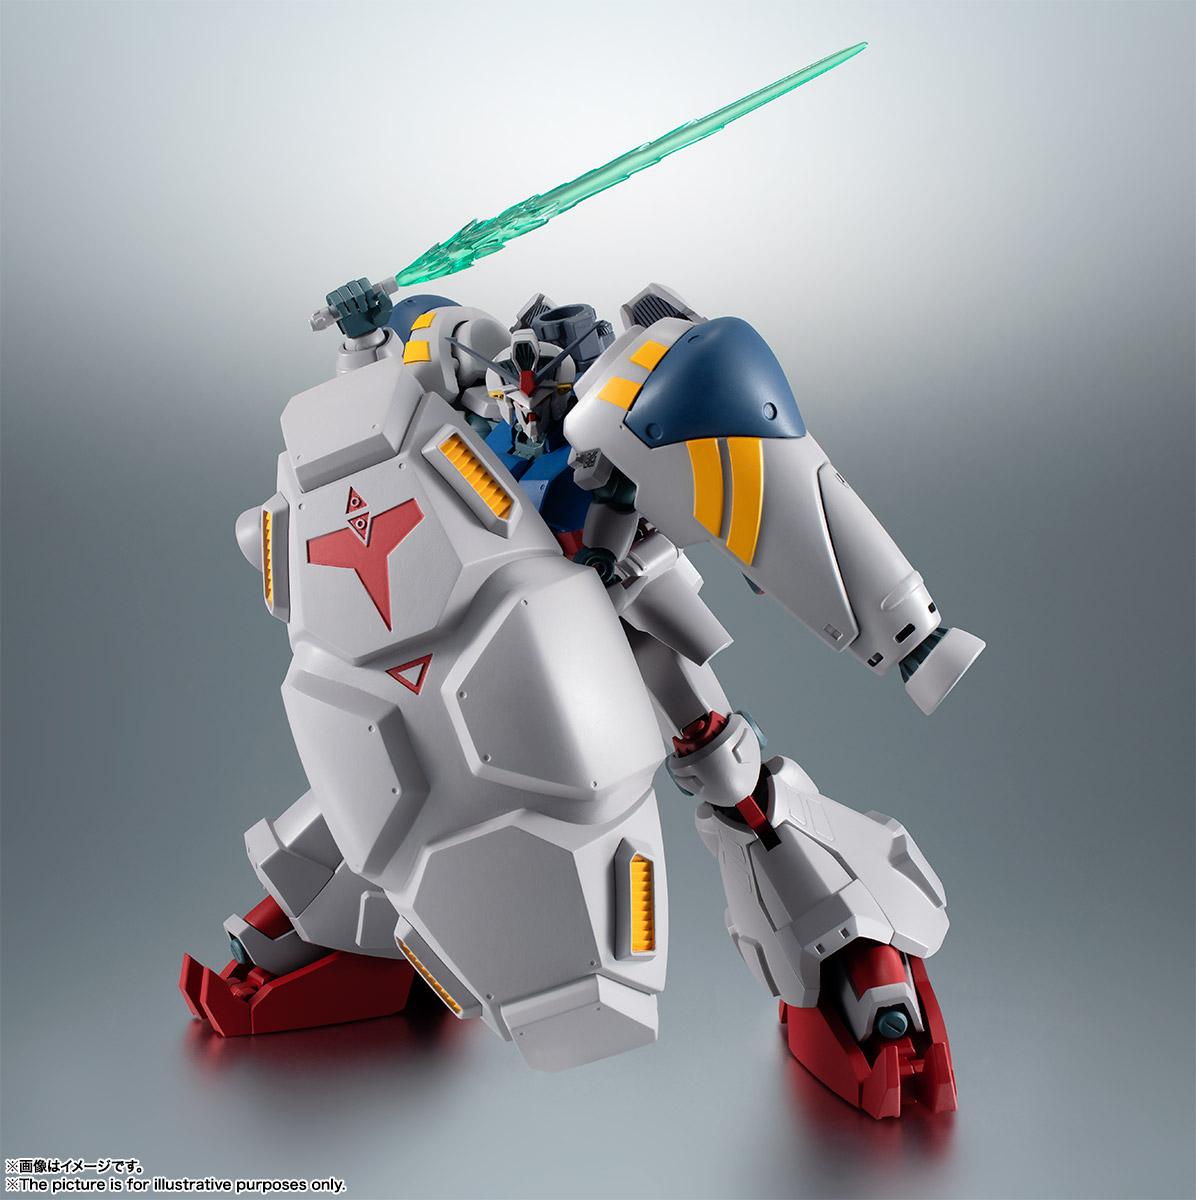 【再販】ROBOT魂〈SIDE MS〉『RX-78GP02A ガンダム試作2号機 ver. A.N.I.M.E.』機動戦士ガンダム0083 可動フィギュア-009